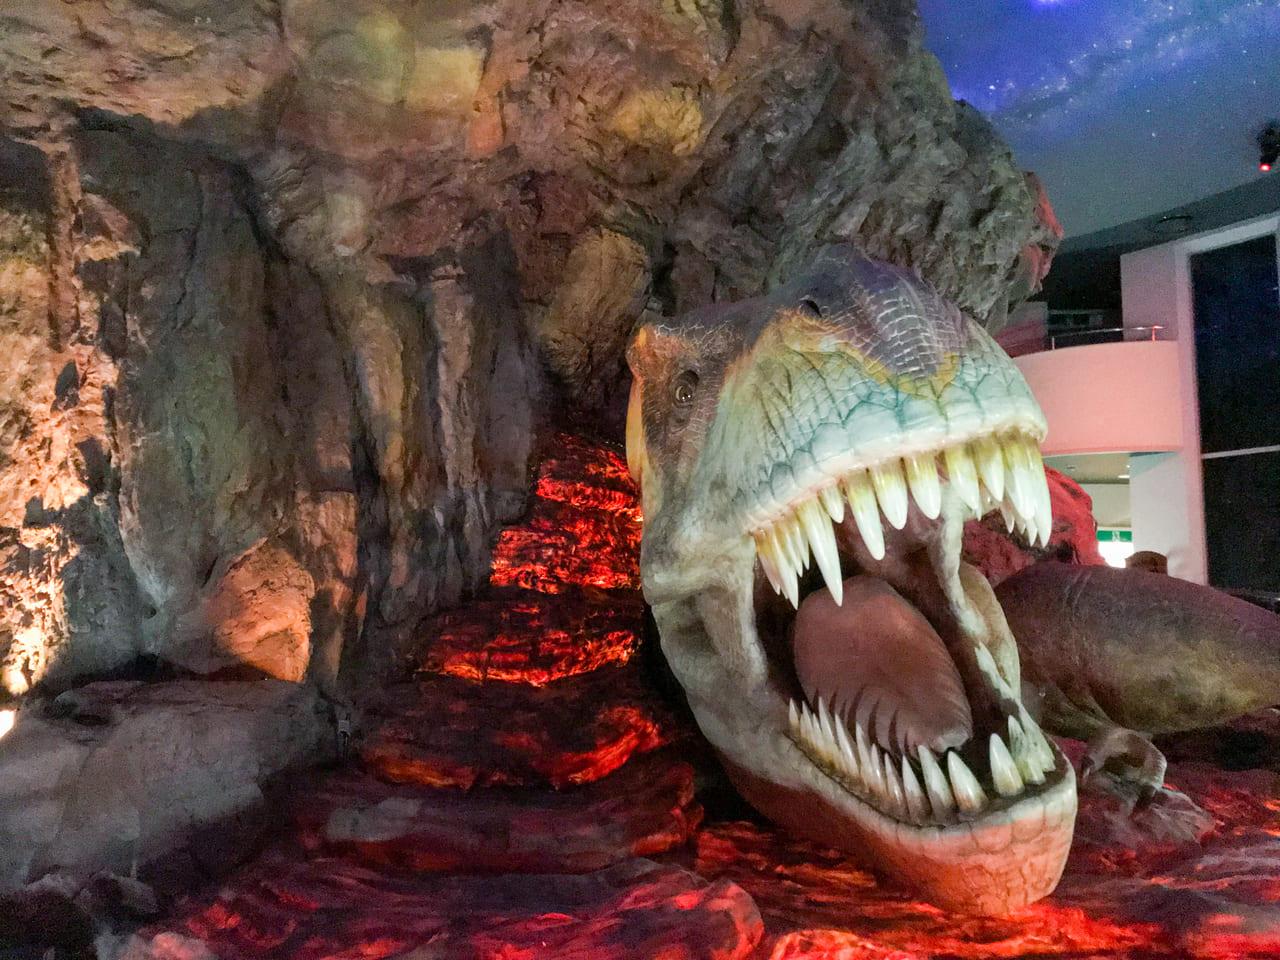 /溶岩に飲まれたティラノサウルスを正面から見た写真